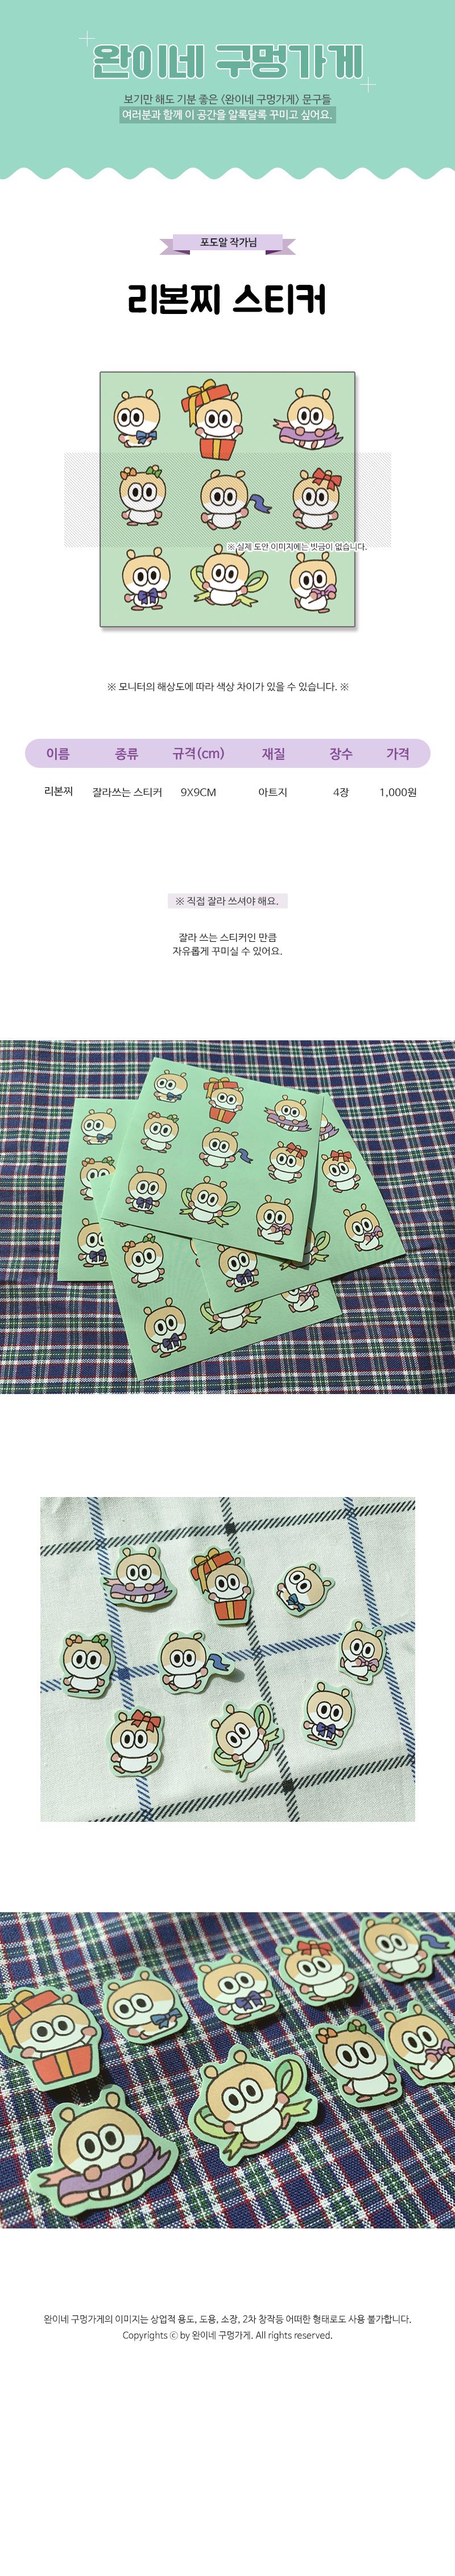 sticker643